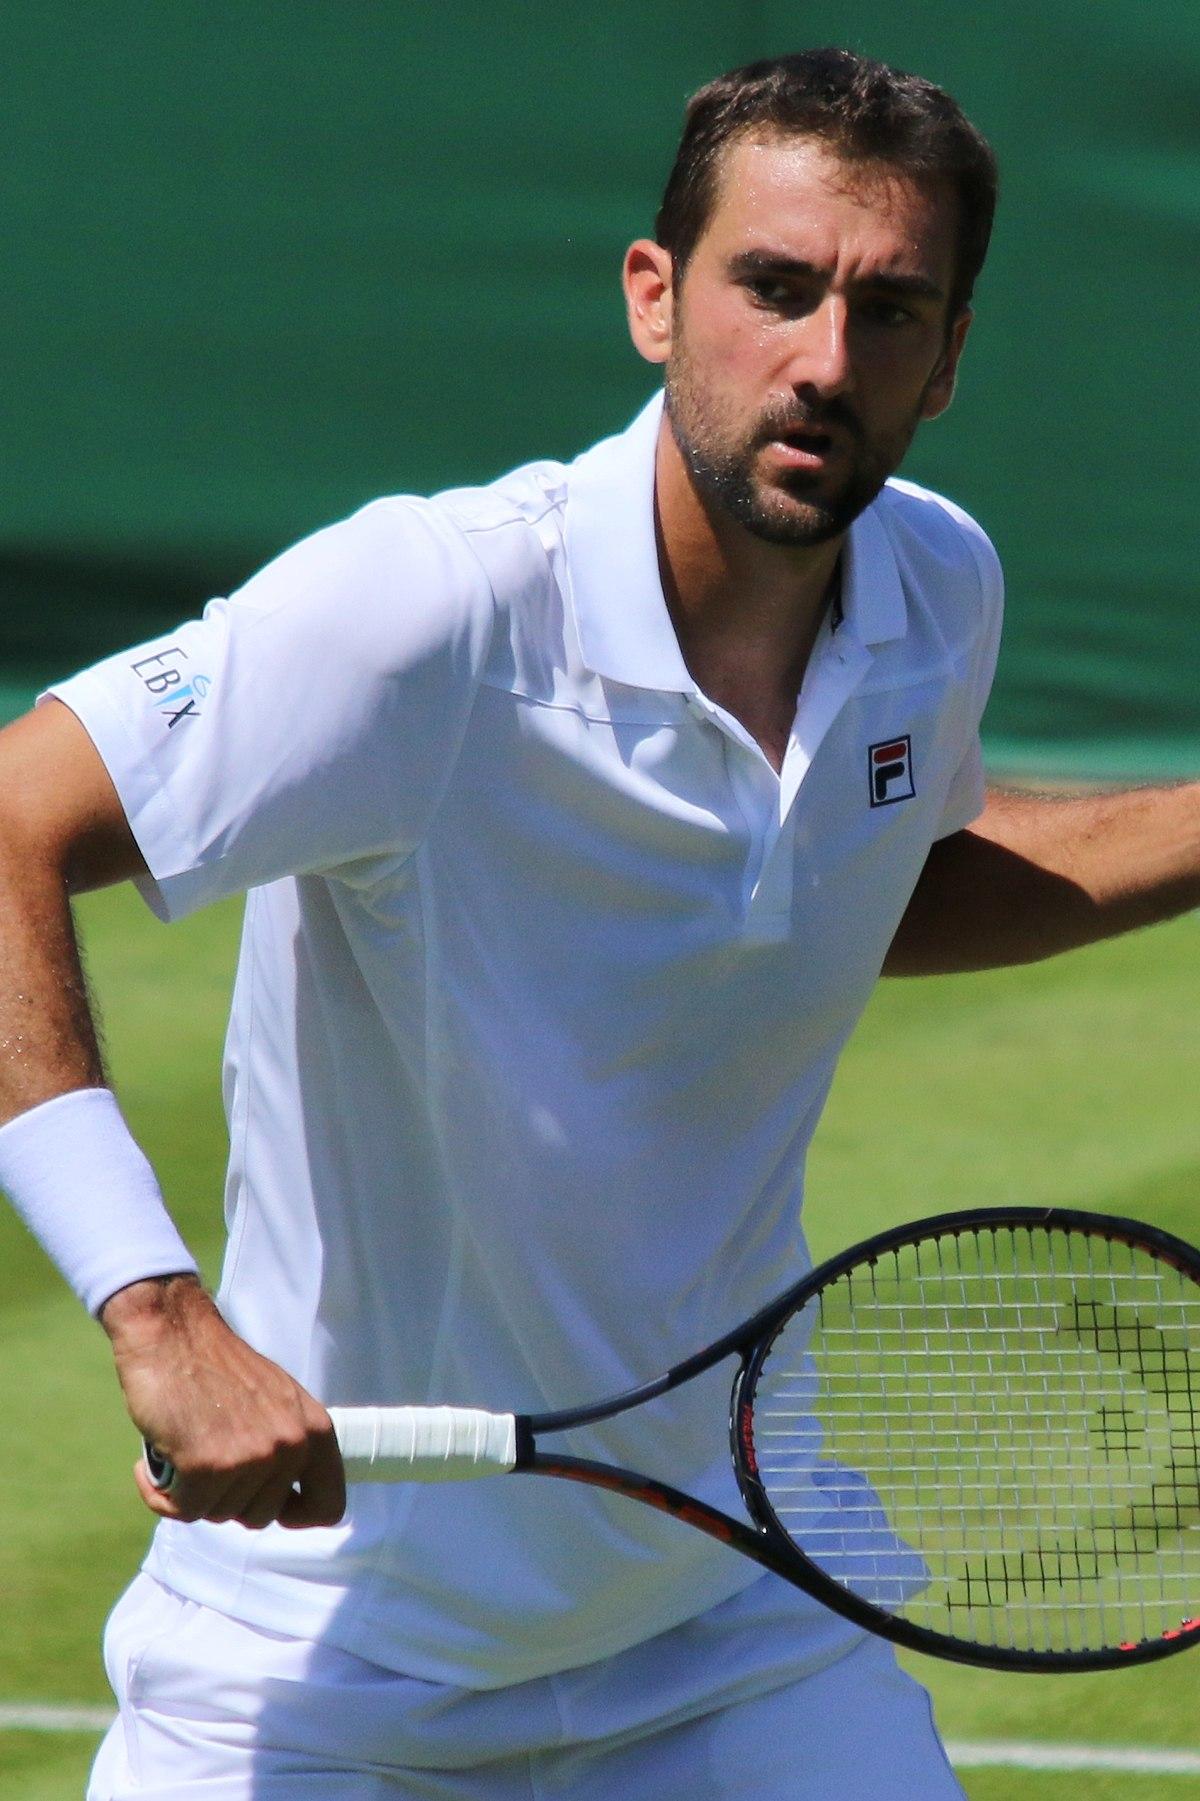 ELBOW TÉLÉCHARGER 2012 CLUBIC TENNIS